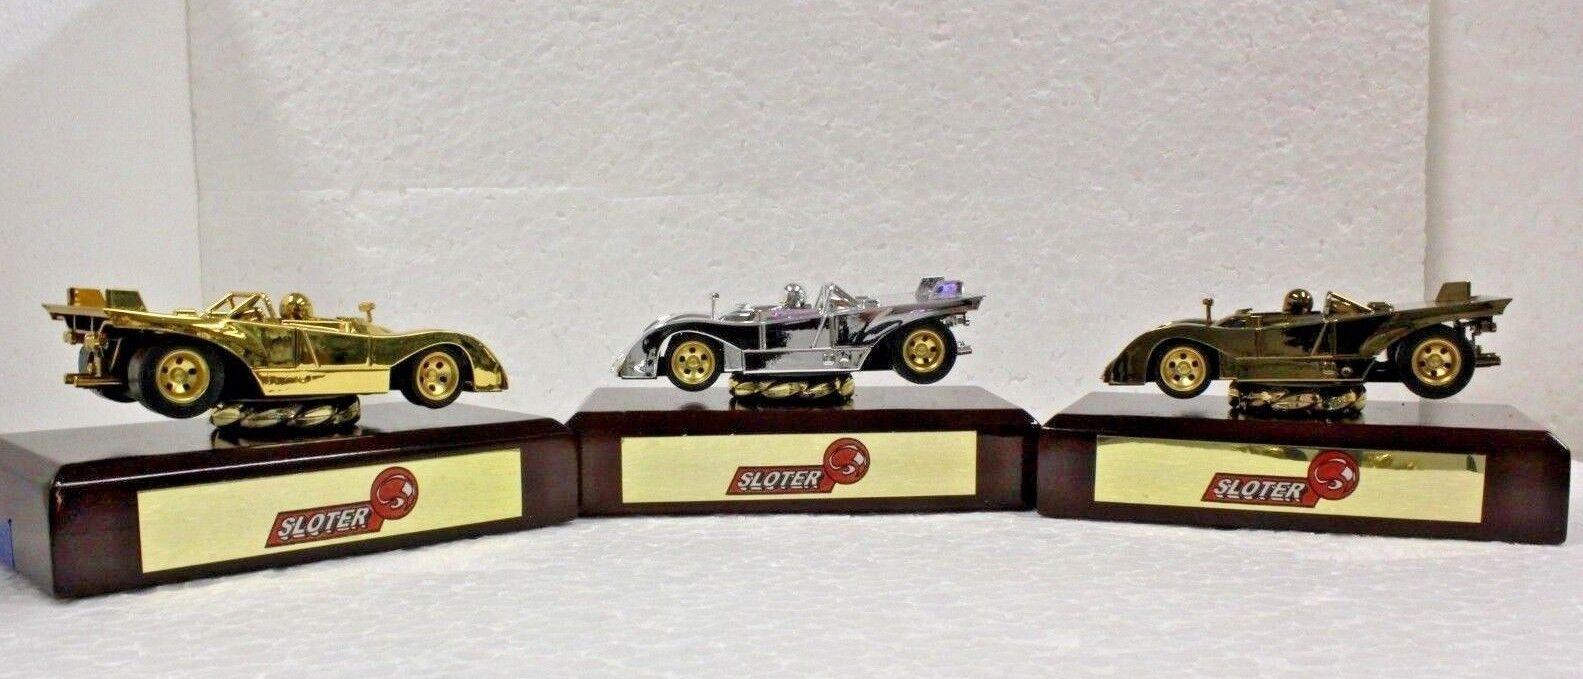 Sloter trofeo Set-oro, plata y bronce  ranura de coche trofeo mostrar sólo